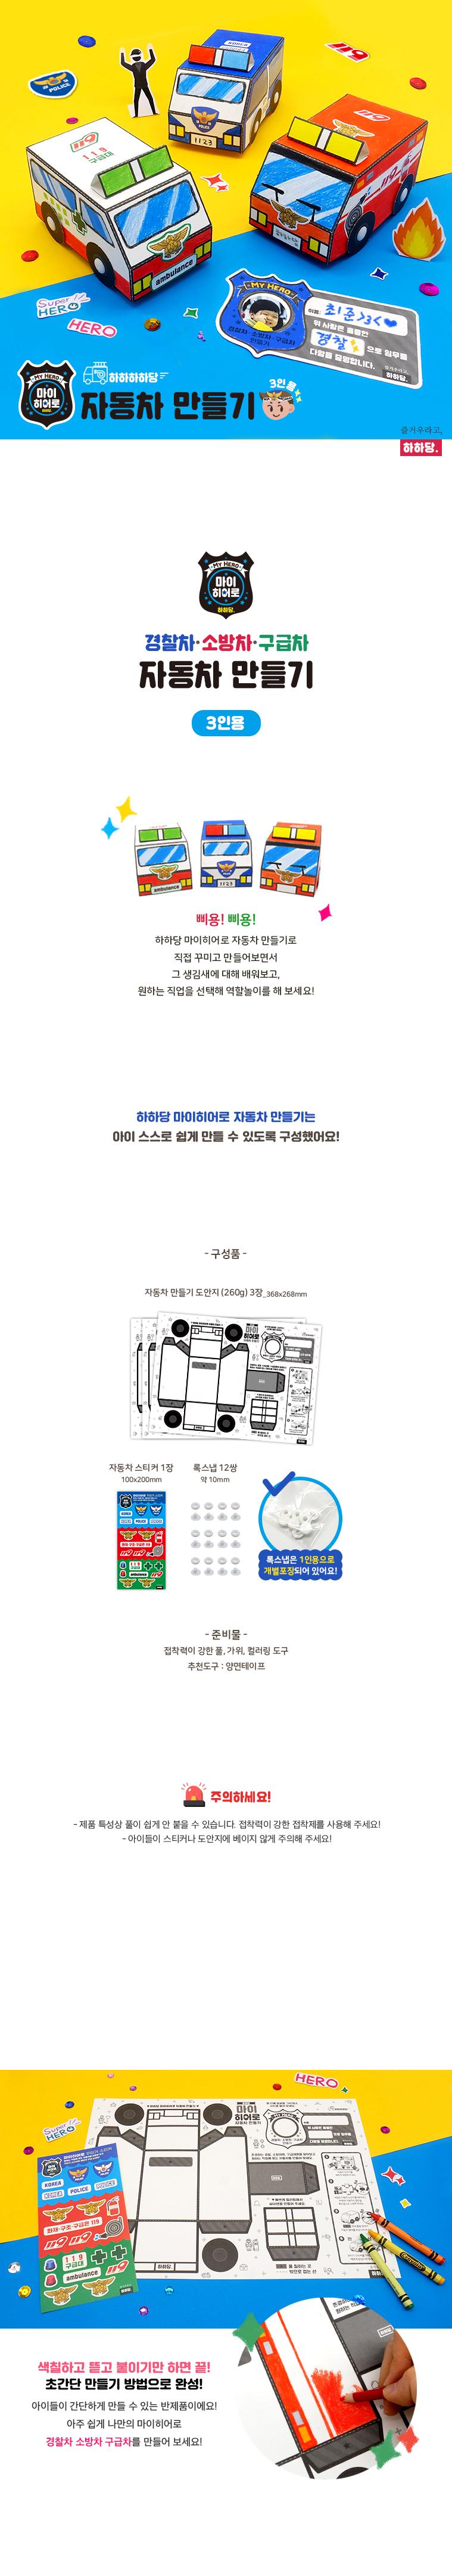 마이히어로 자동차 만들기 - 하하당, 1,200원, 종이공예/북아트, 북아트 패키지